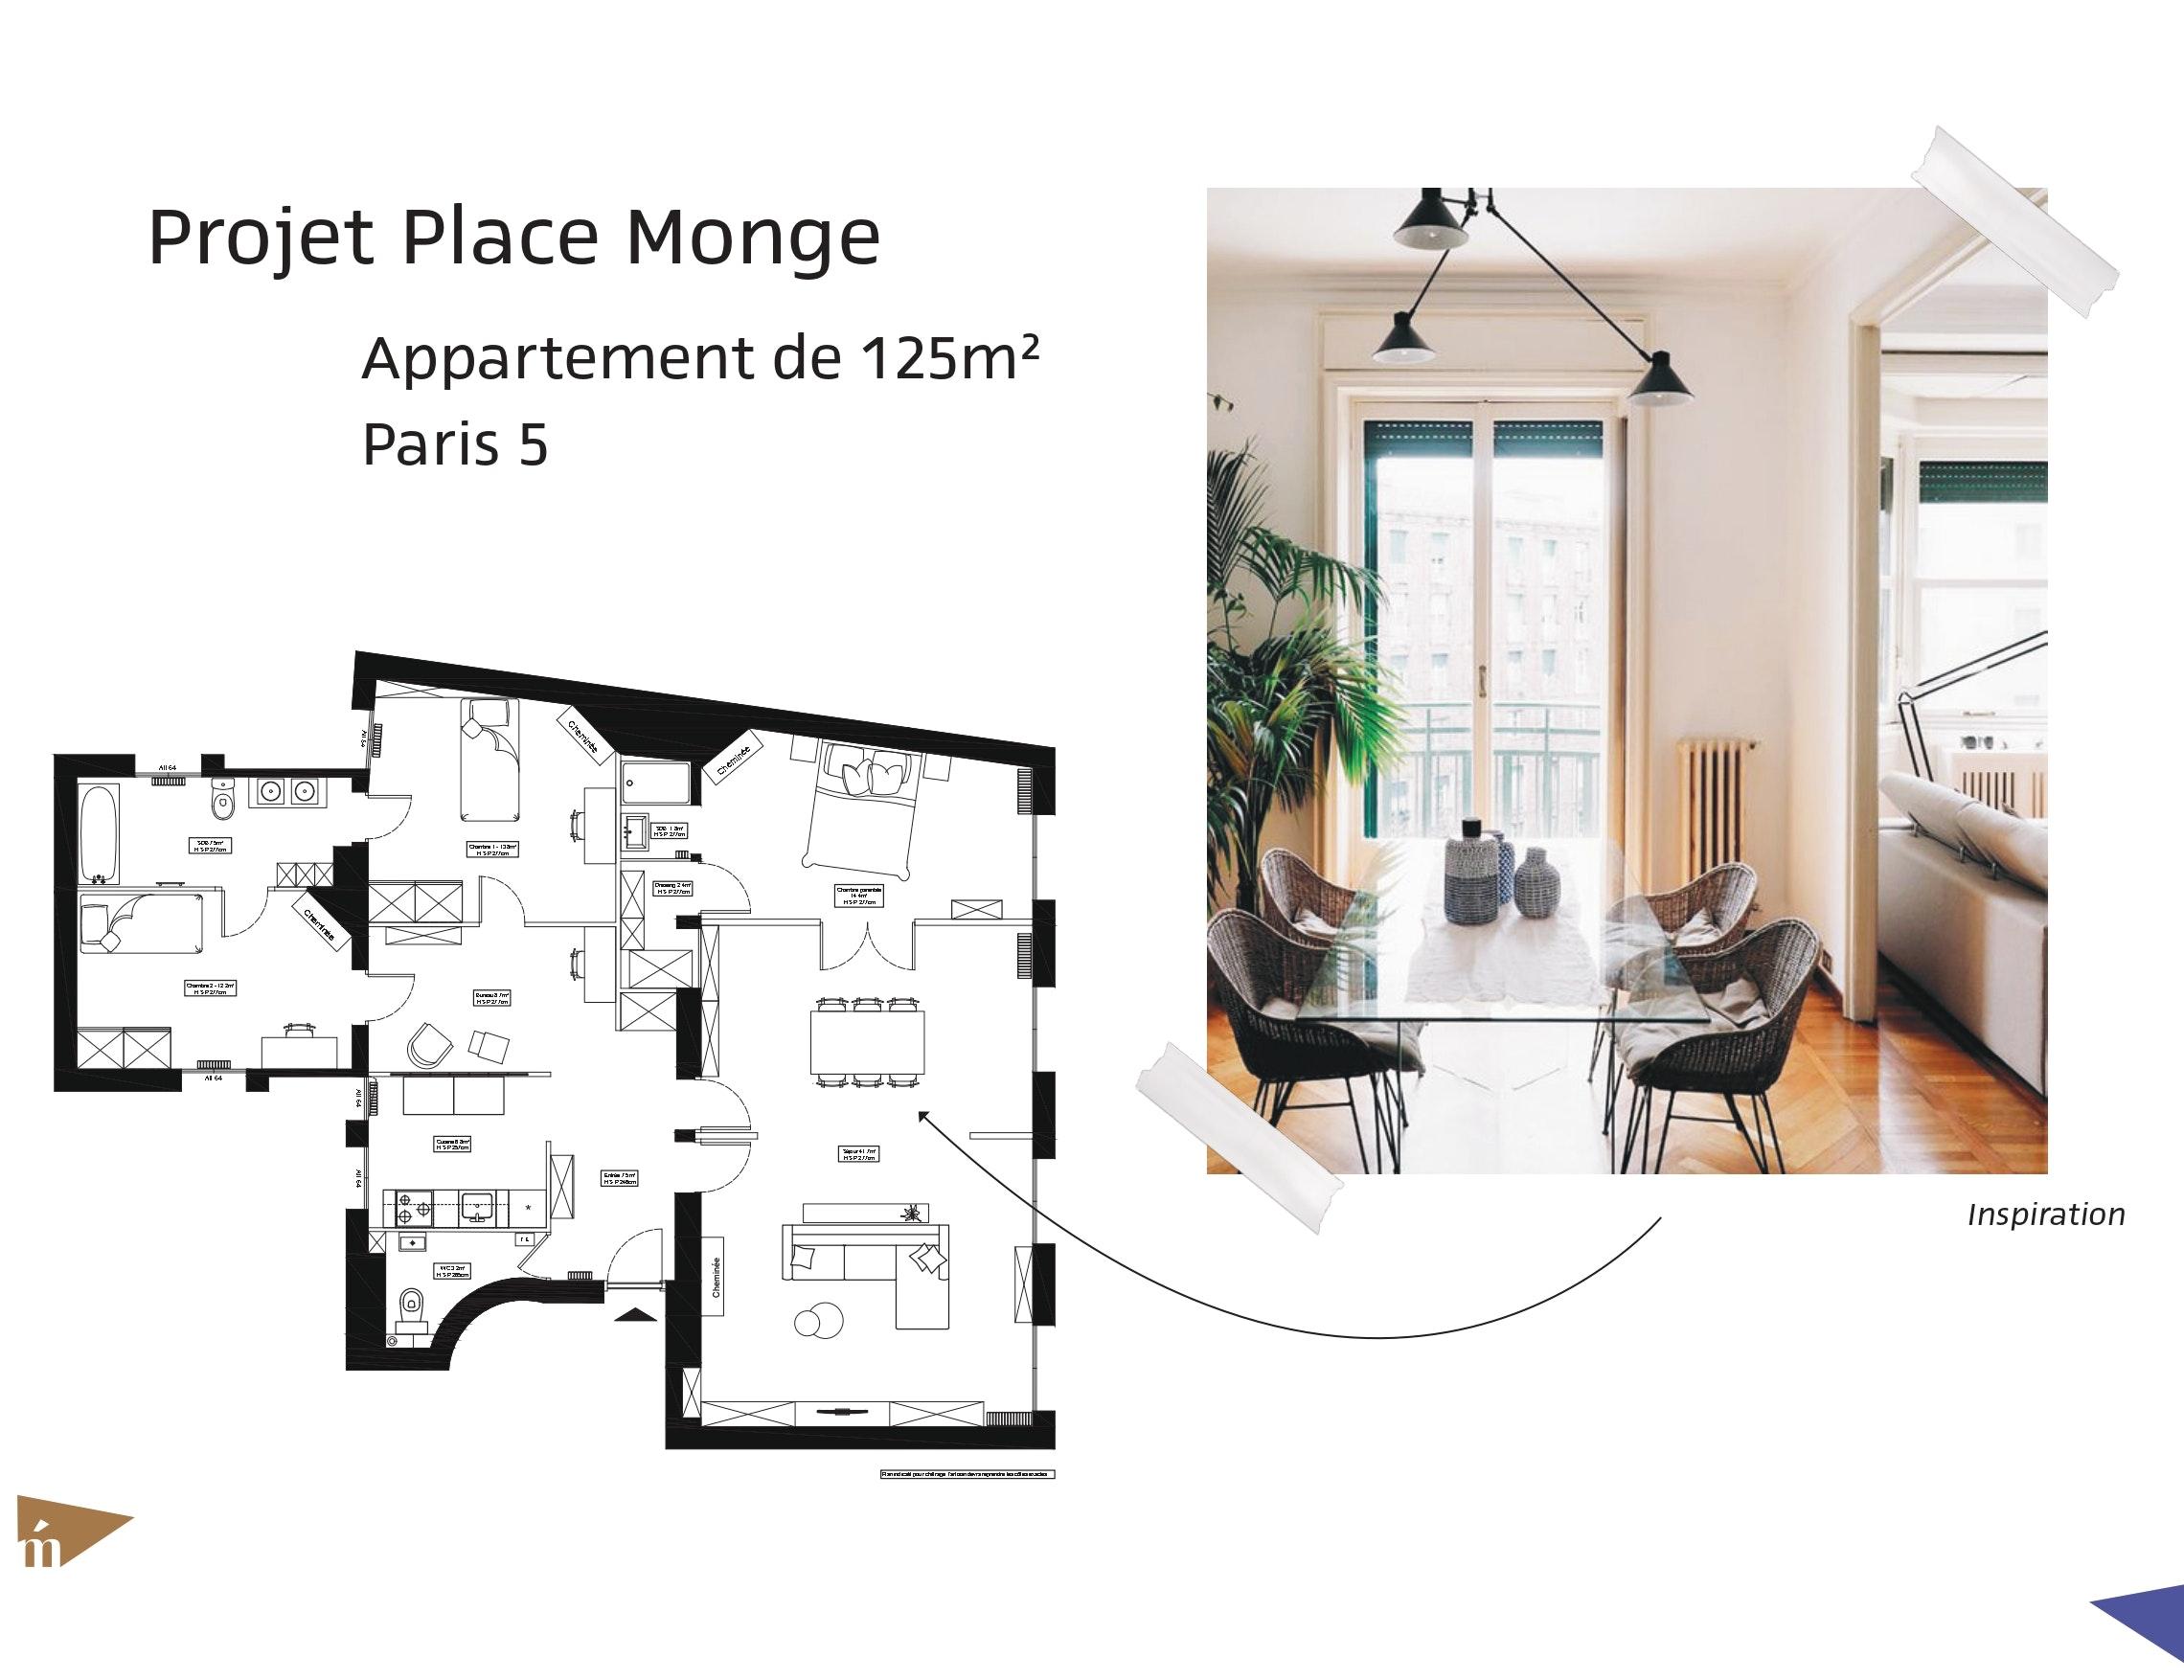 photo Projet place Monge - 125 m² - Paris 5 Léa Mast - Architecte hemea